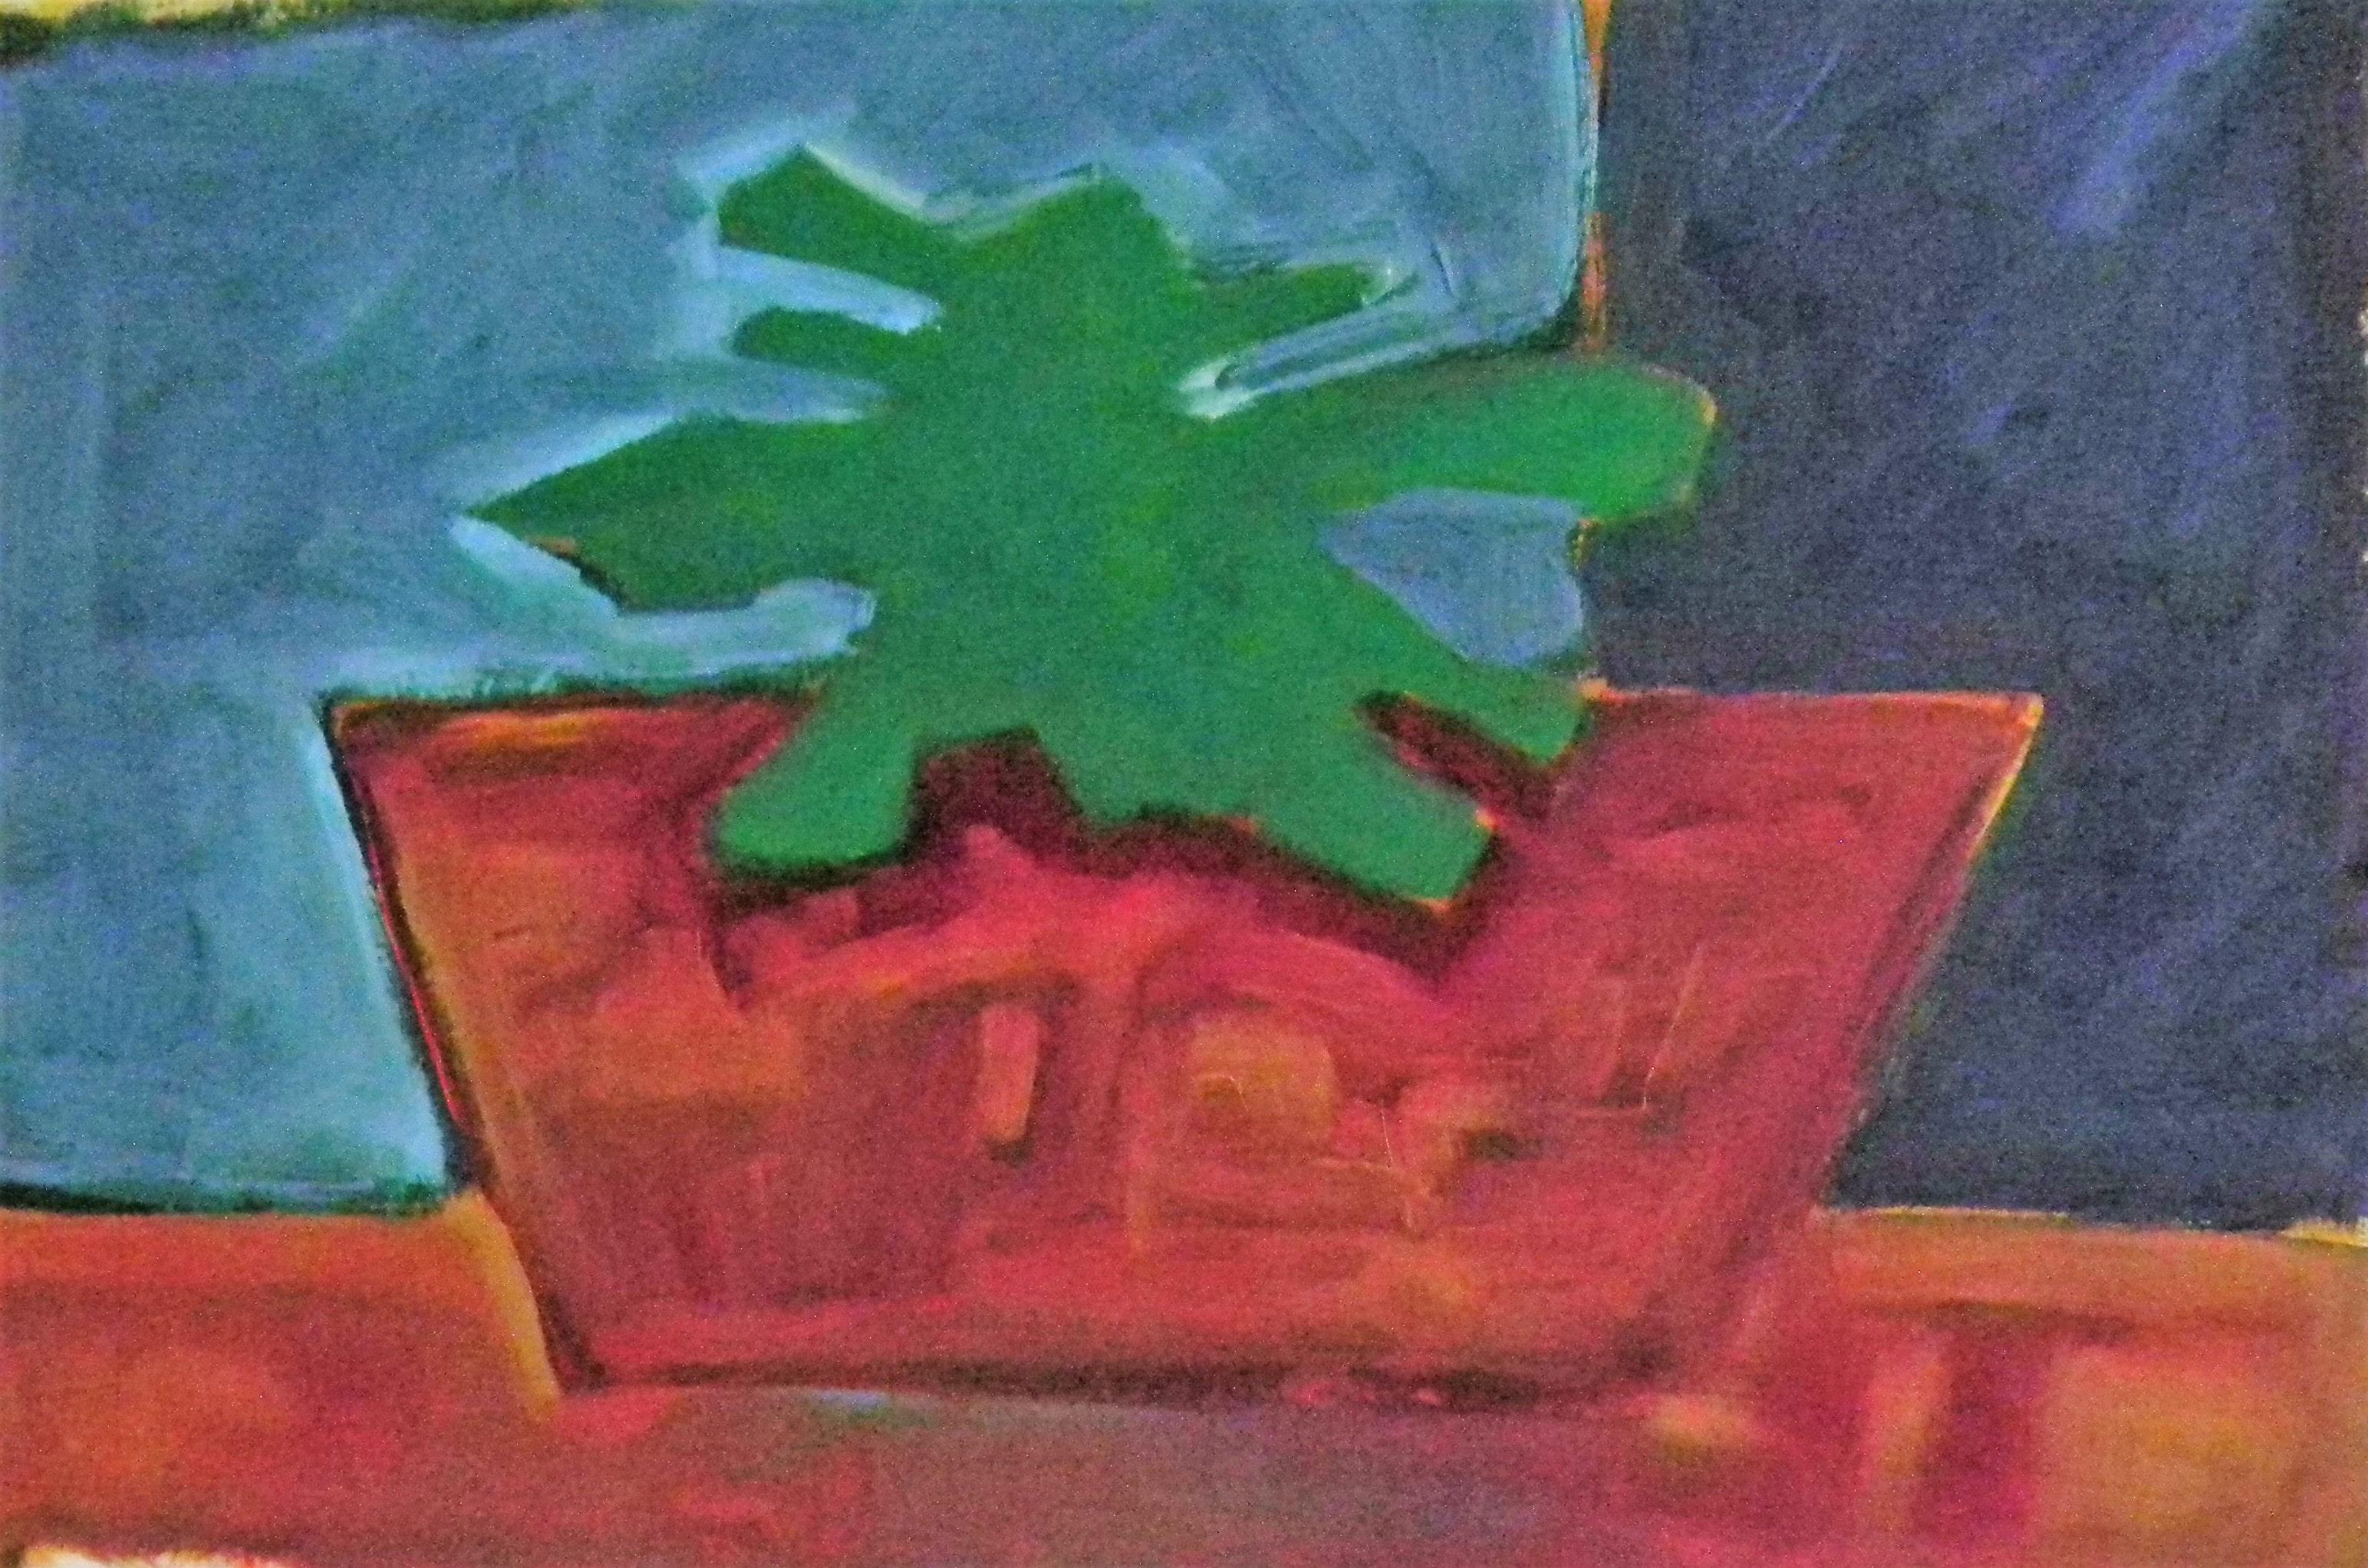 Louise.h peinture mur bleu et fleur